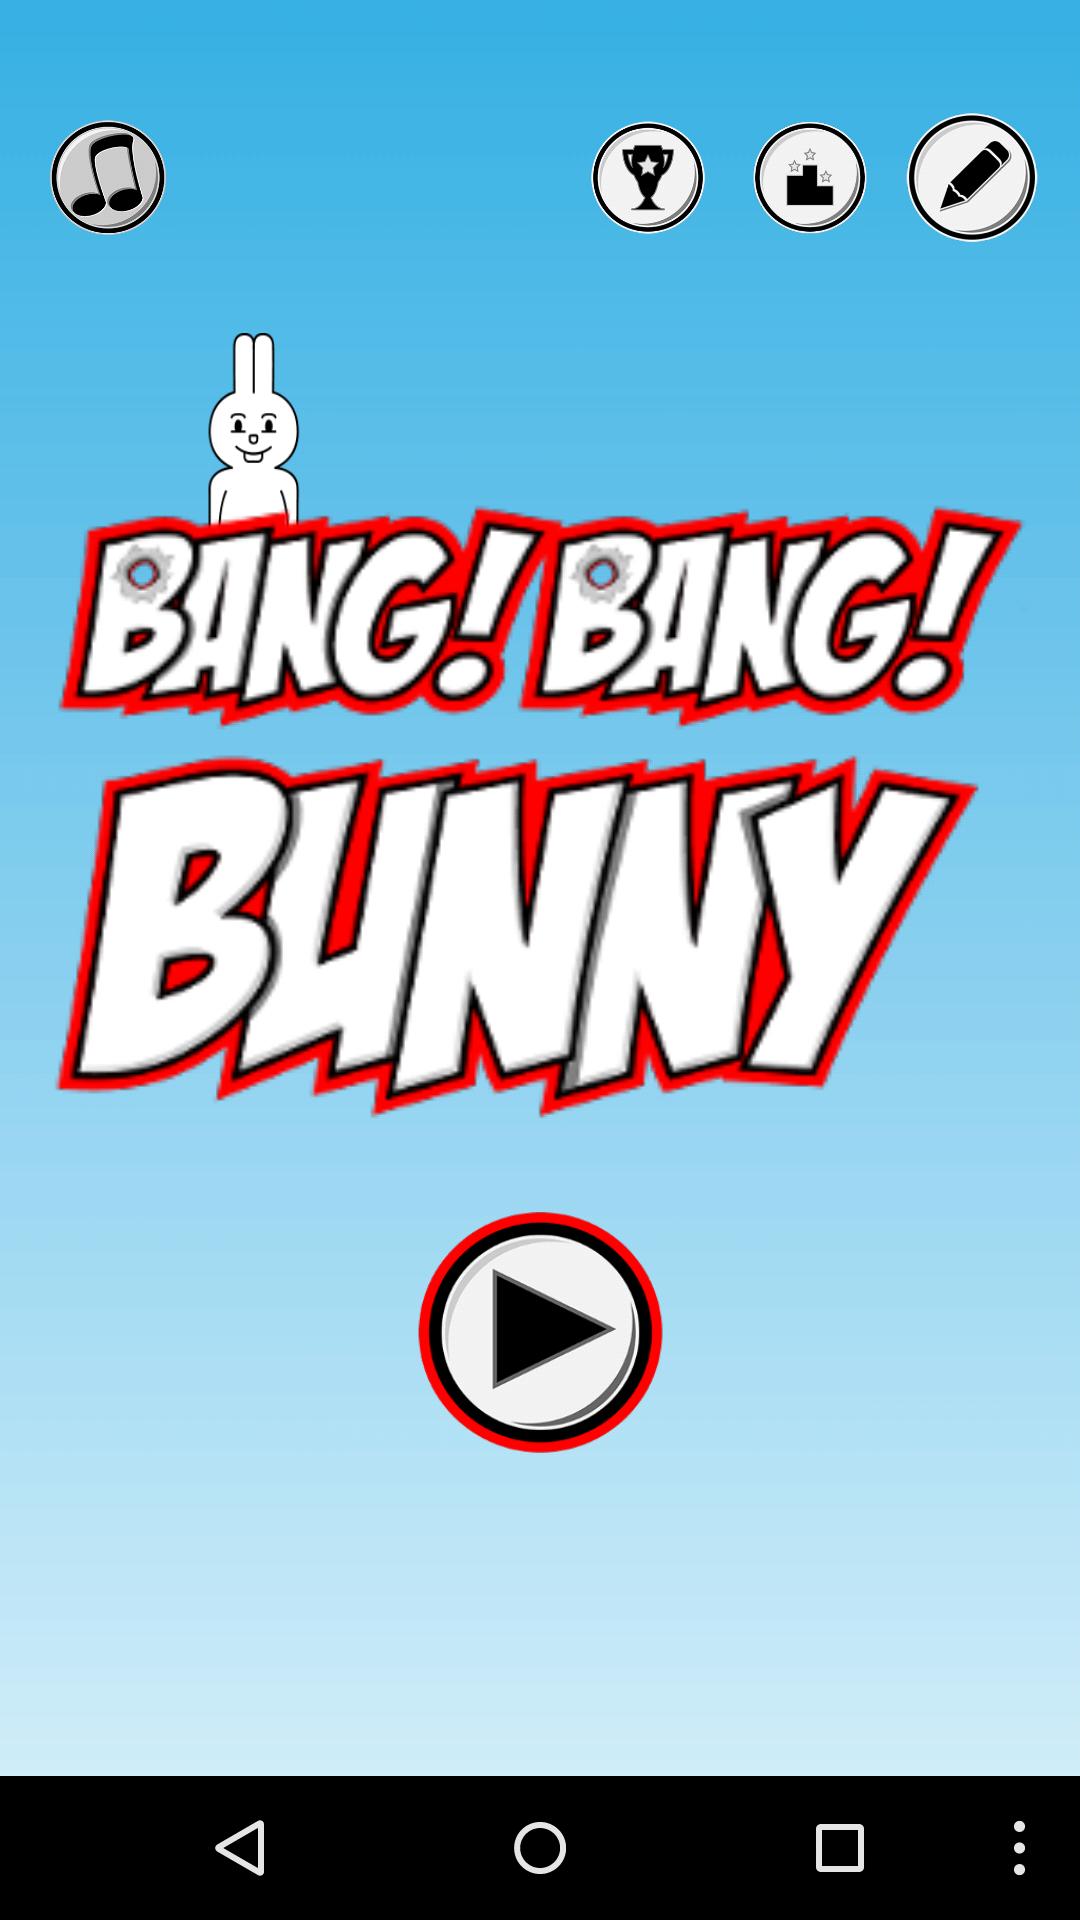 Bang! Bang! Bunny